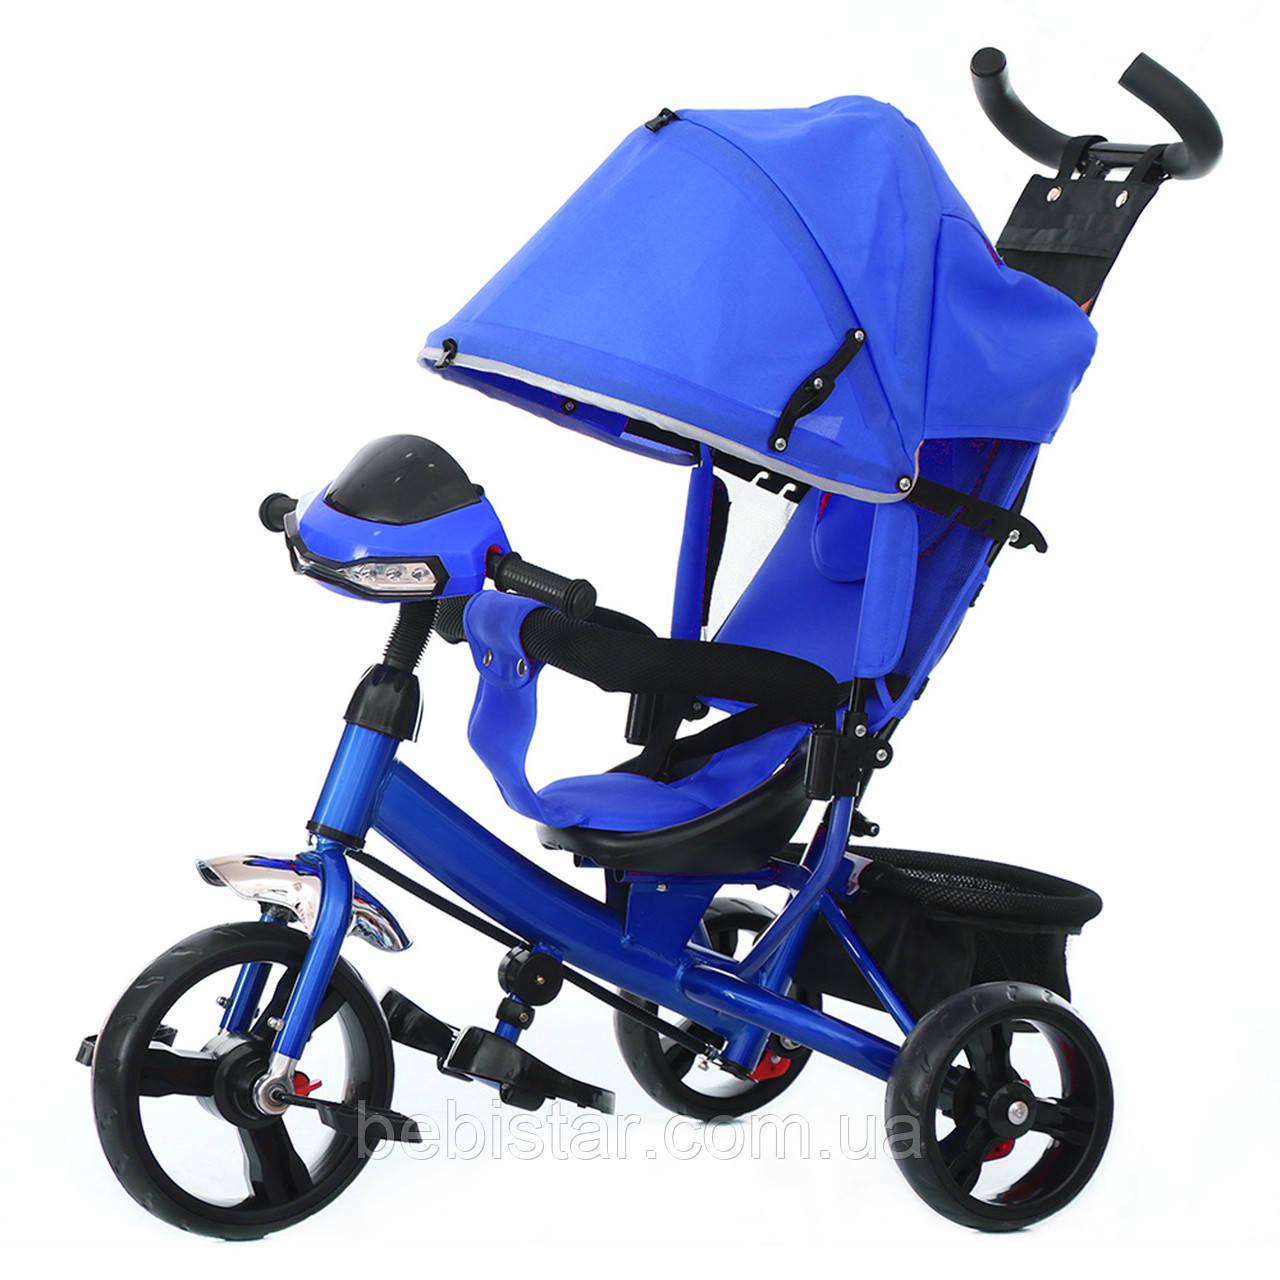 Детский трехколесный велосипед Tilly Trike цвет: синий